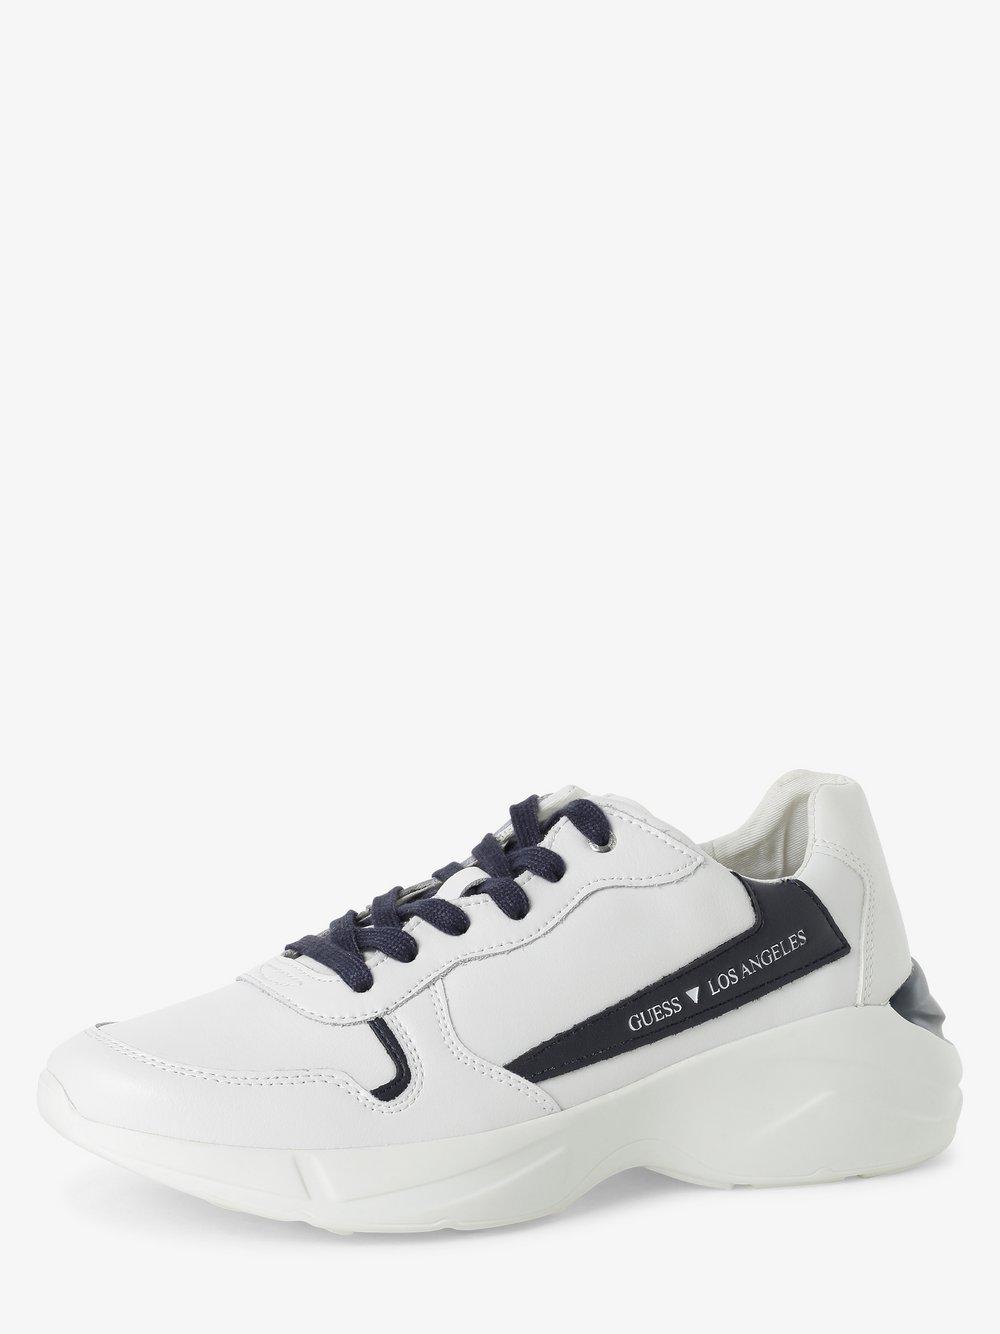 Guess Jeans - Męskie tenisówki ze skóry, biały